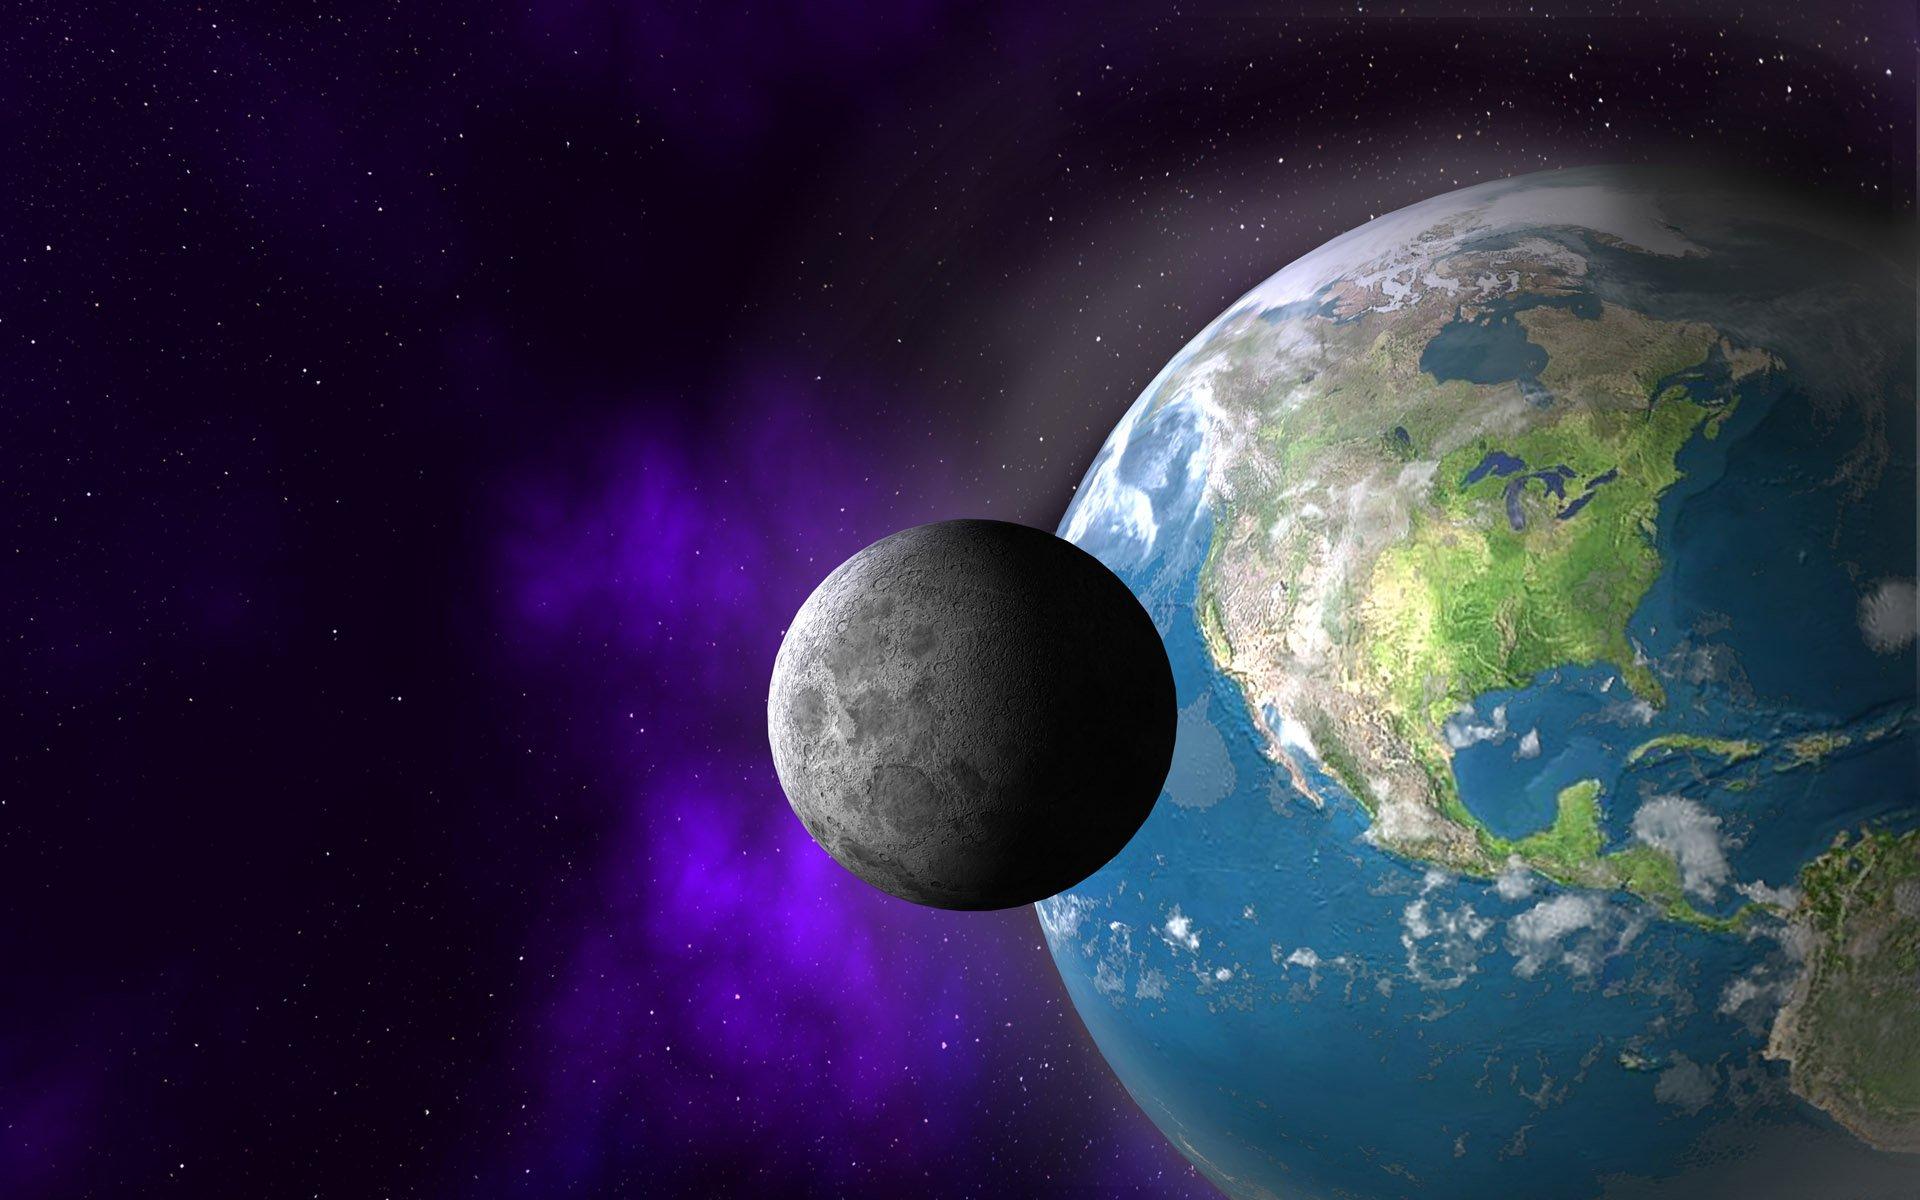 Ученые опубликовали шокирующие факты Древняя Луна и современная Земля идентичны